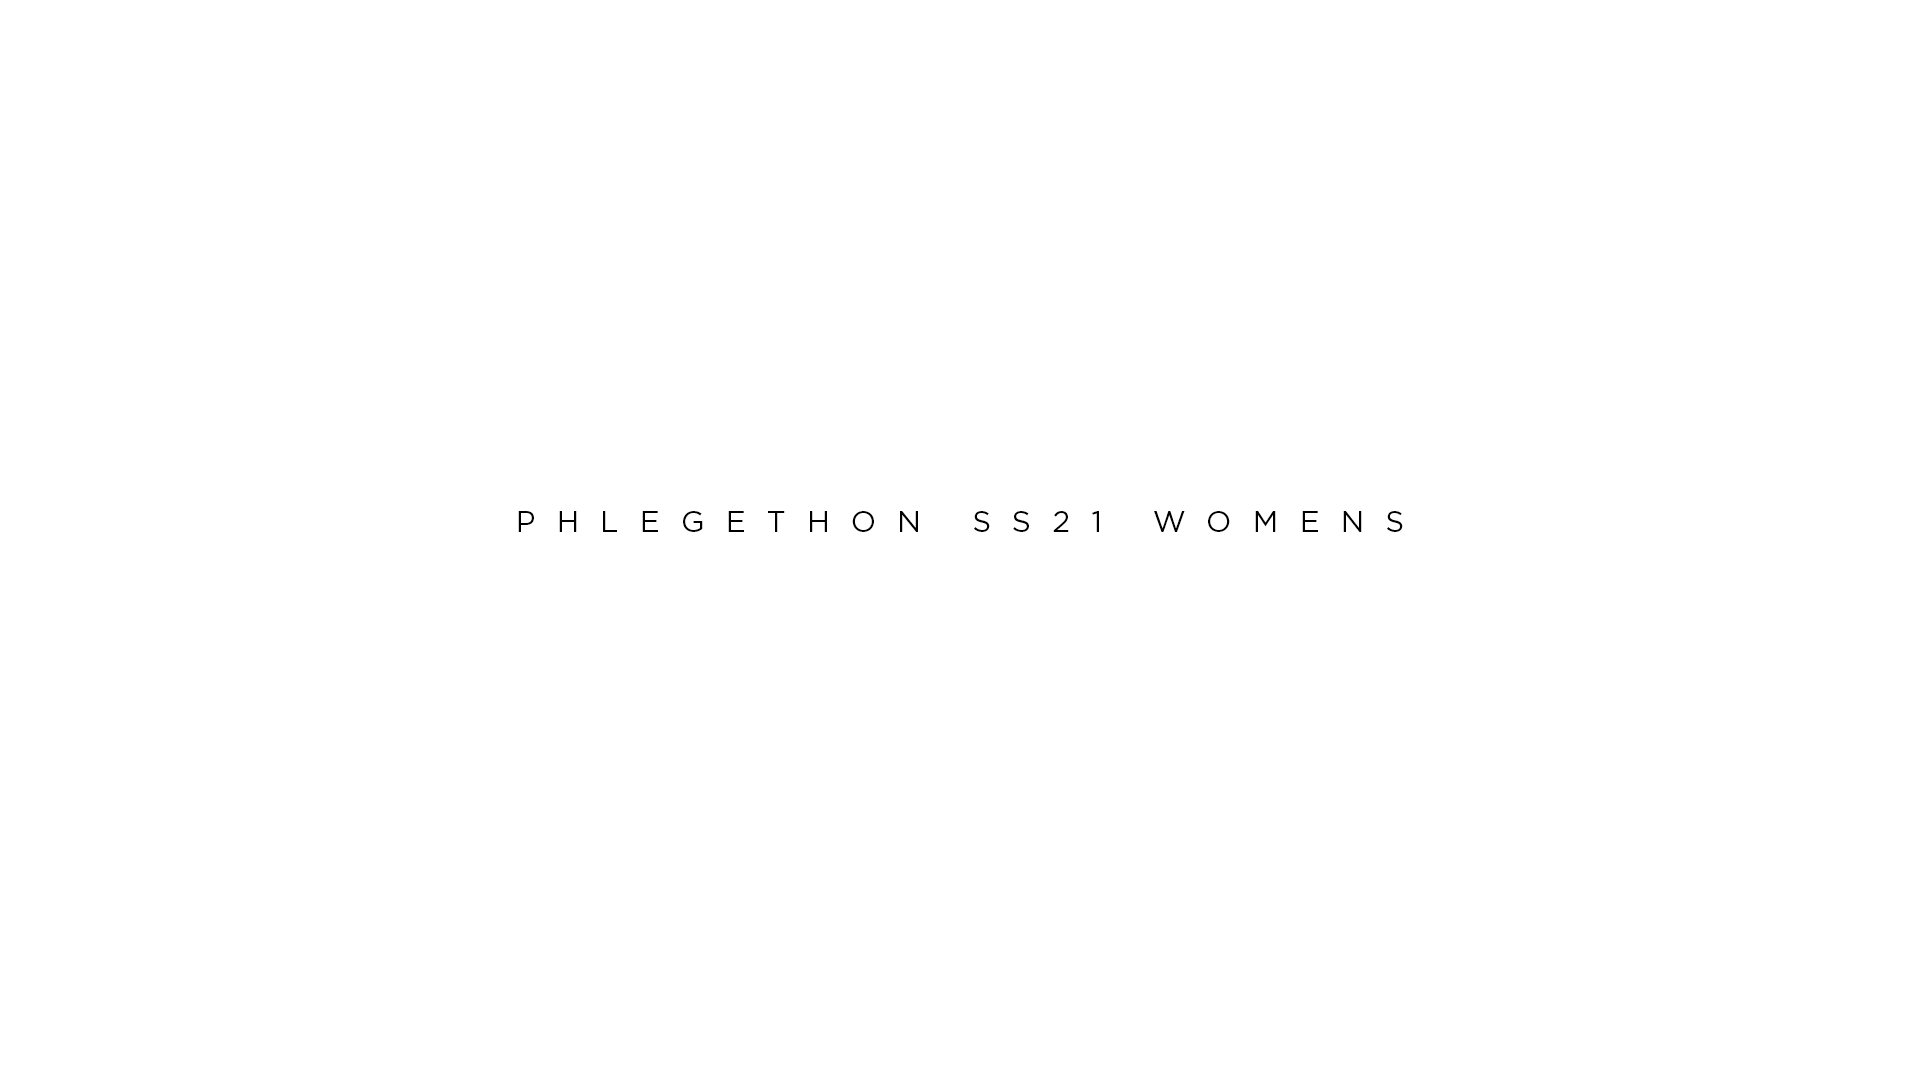 Phlegethon ss21 womens